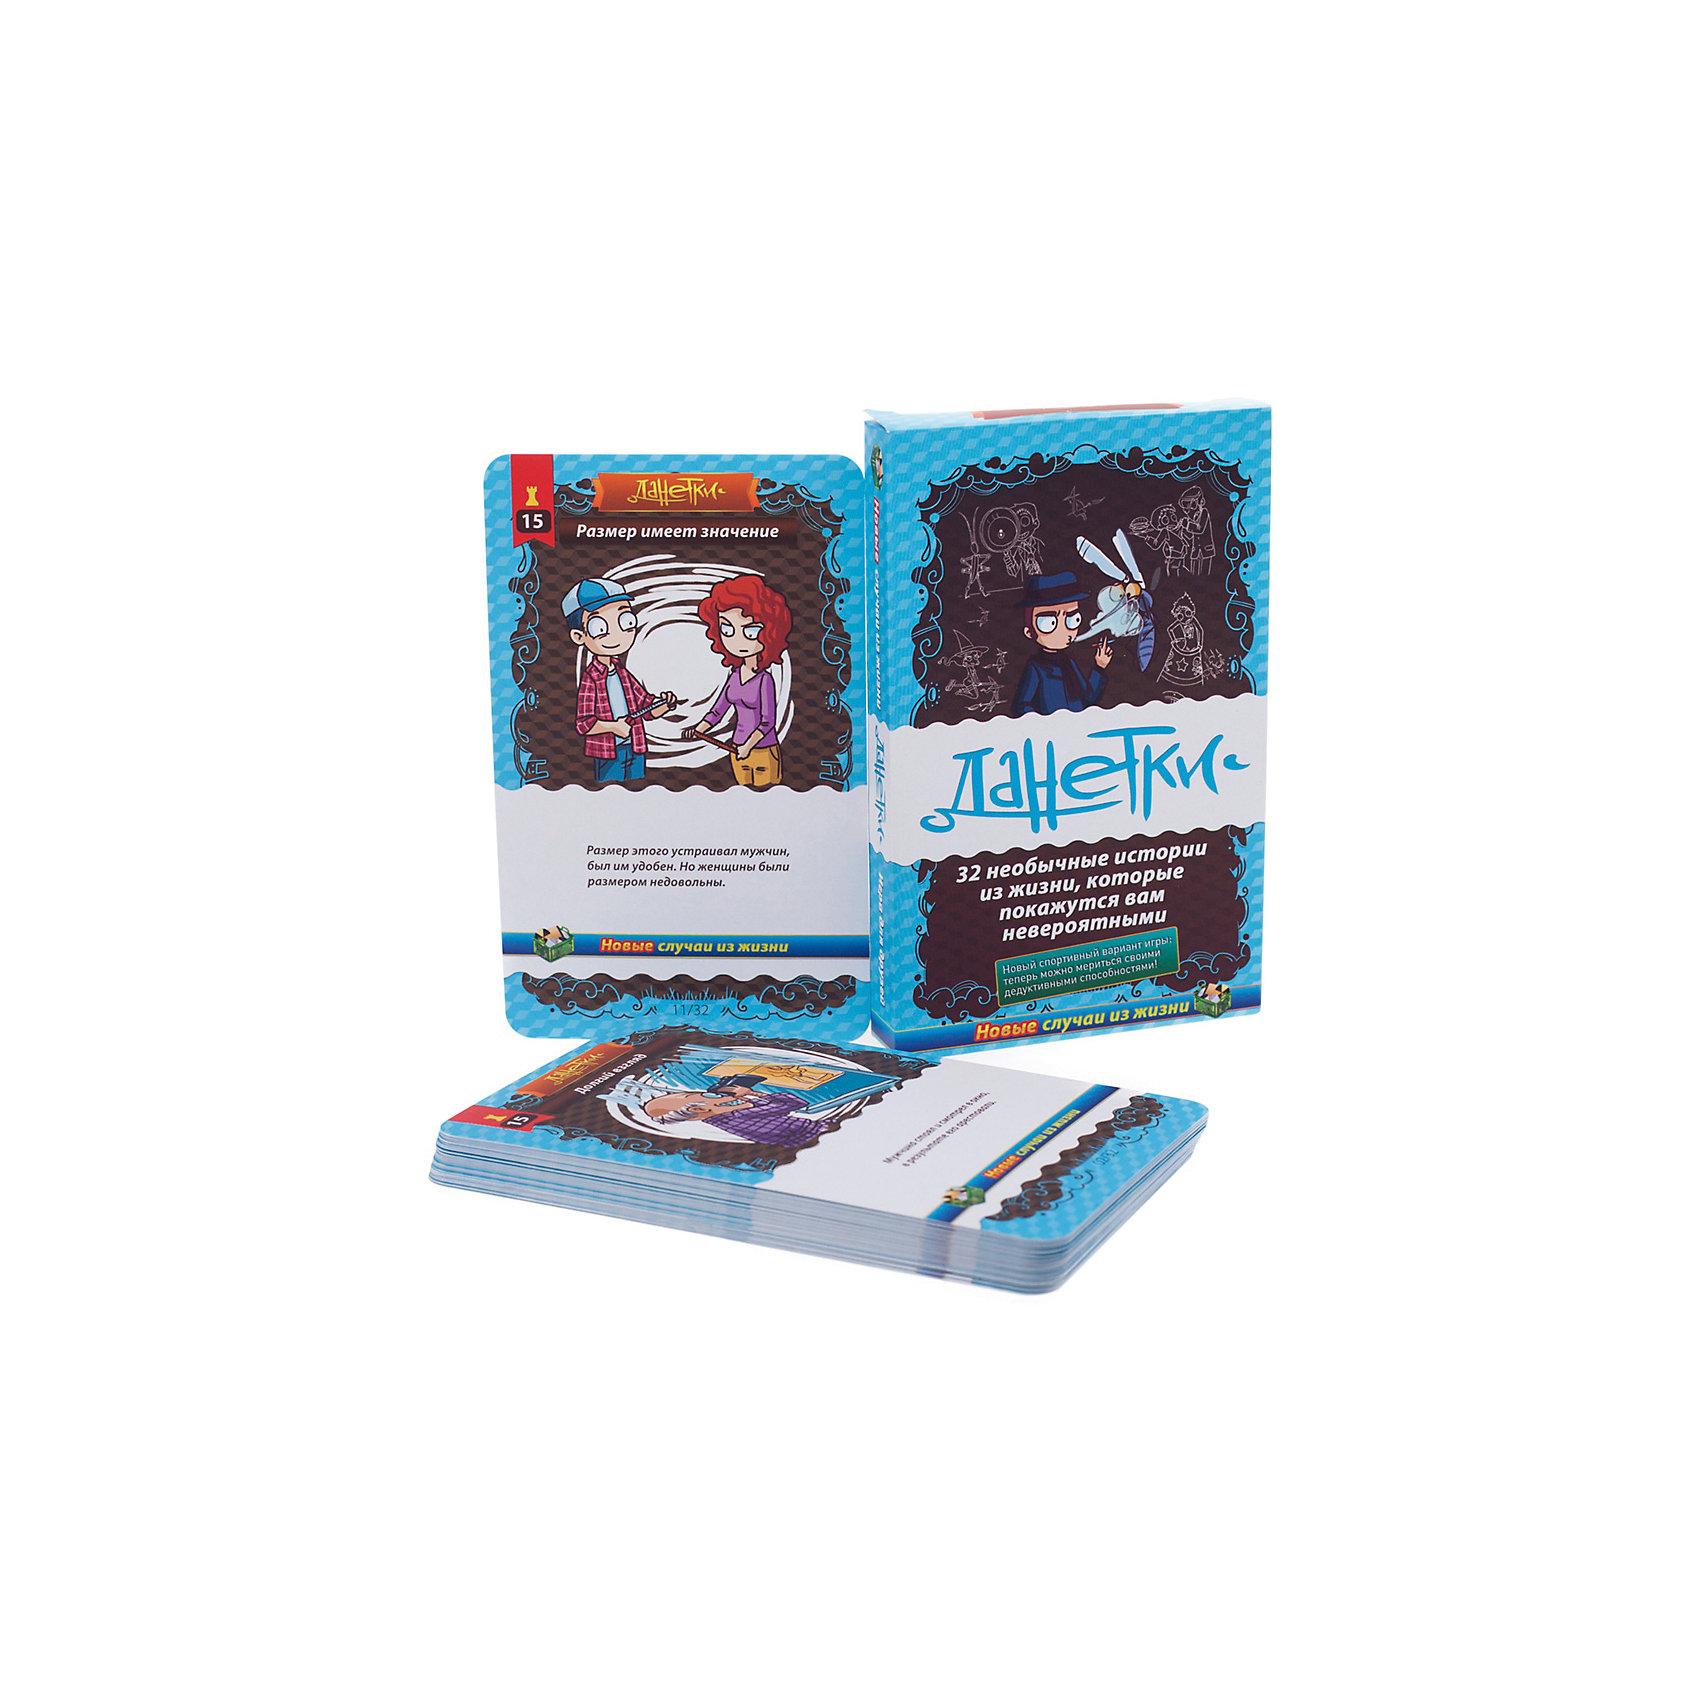 Настольная игра Данетки Случай из жизни новые, МагелланНастольные игры для всей семьи<br>Характеристики:<br><br>• возраст: от 10 лет<br>• комплектация: 33 карточек с детективными историями, 1 карта с правилами.<br>• материал: картон<br>• количество игроков: от 2 до 8 человек<br>• время игры: 10-40 минут<br>• упаковка: картонная коробка<br>• размер упаковки: 15х9,5х2 см.<br>• вес: 180 гр.<br><br>Настольная игра «Данетки Случай из жизни» - это нереальные истории про реальных людей. Разыграв эту колоду, вы узнаете тридцать три необычайных происшествия, которые действительно случились и даже вошли в историю. Причем вы не просто прочитаете или услышите о них, но, задавая самые разнообразные вопросы, сами выстроите цепочку событий — от нескольких, вроде бы, несвязанных фактов, до полной картины действия.<br><br>Принцип игры в данетки очень простой. Назначается ведущий. Этот человек будет видеть обе стороны карточки, в то время как остальным игрокам будет видна лишь часть истории, расположенная на лицевой стороне карточки. Чтобы узнать всю историю целиком, игроку разрешается задавать только такие вопросы, на которые ведущий сможет ответить «да», «нет» или «несущественно».<br><br>В тренировочном режиме вопросов задавать можно сколько угодно, но если играете всерьез, то — чем меньше вопросов игрок задает, и чем точнее они будут, тем больше у него шансов оказаться самым логичным и прозорливым в компании.<br><br>Играть можно в путешествии, на отдыхе и в кругу семьи.<br><br>Игра повышает грамотность речи, развивает фантазию, воображение и логическое мышление.<br><br>Настольную игру Данетки Случай из жизни новые, Магеллан можно купить в нашем интернет-магазине.<br><br>Ширина мм: 150<br>Глубина мм: 95<br>Высота мм: 20<br>Вес г: 180<br>Возраст от месяцев: 120<br>Возраст до месяцев: 2147483647<br>Пол: Унисекс<br>Возраст: Детский<br>SKU: 7036612